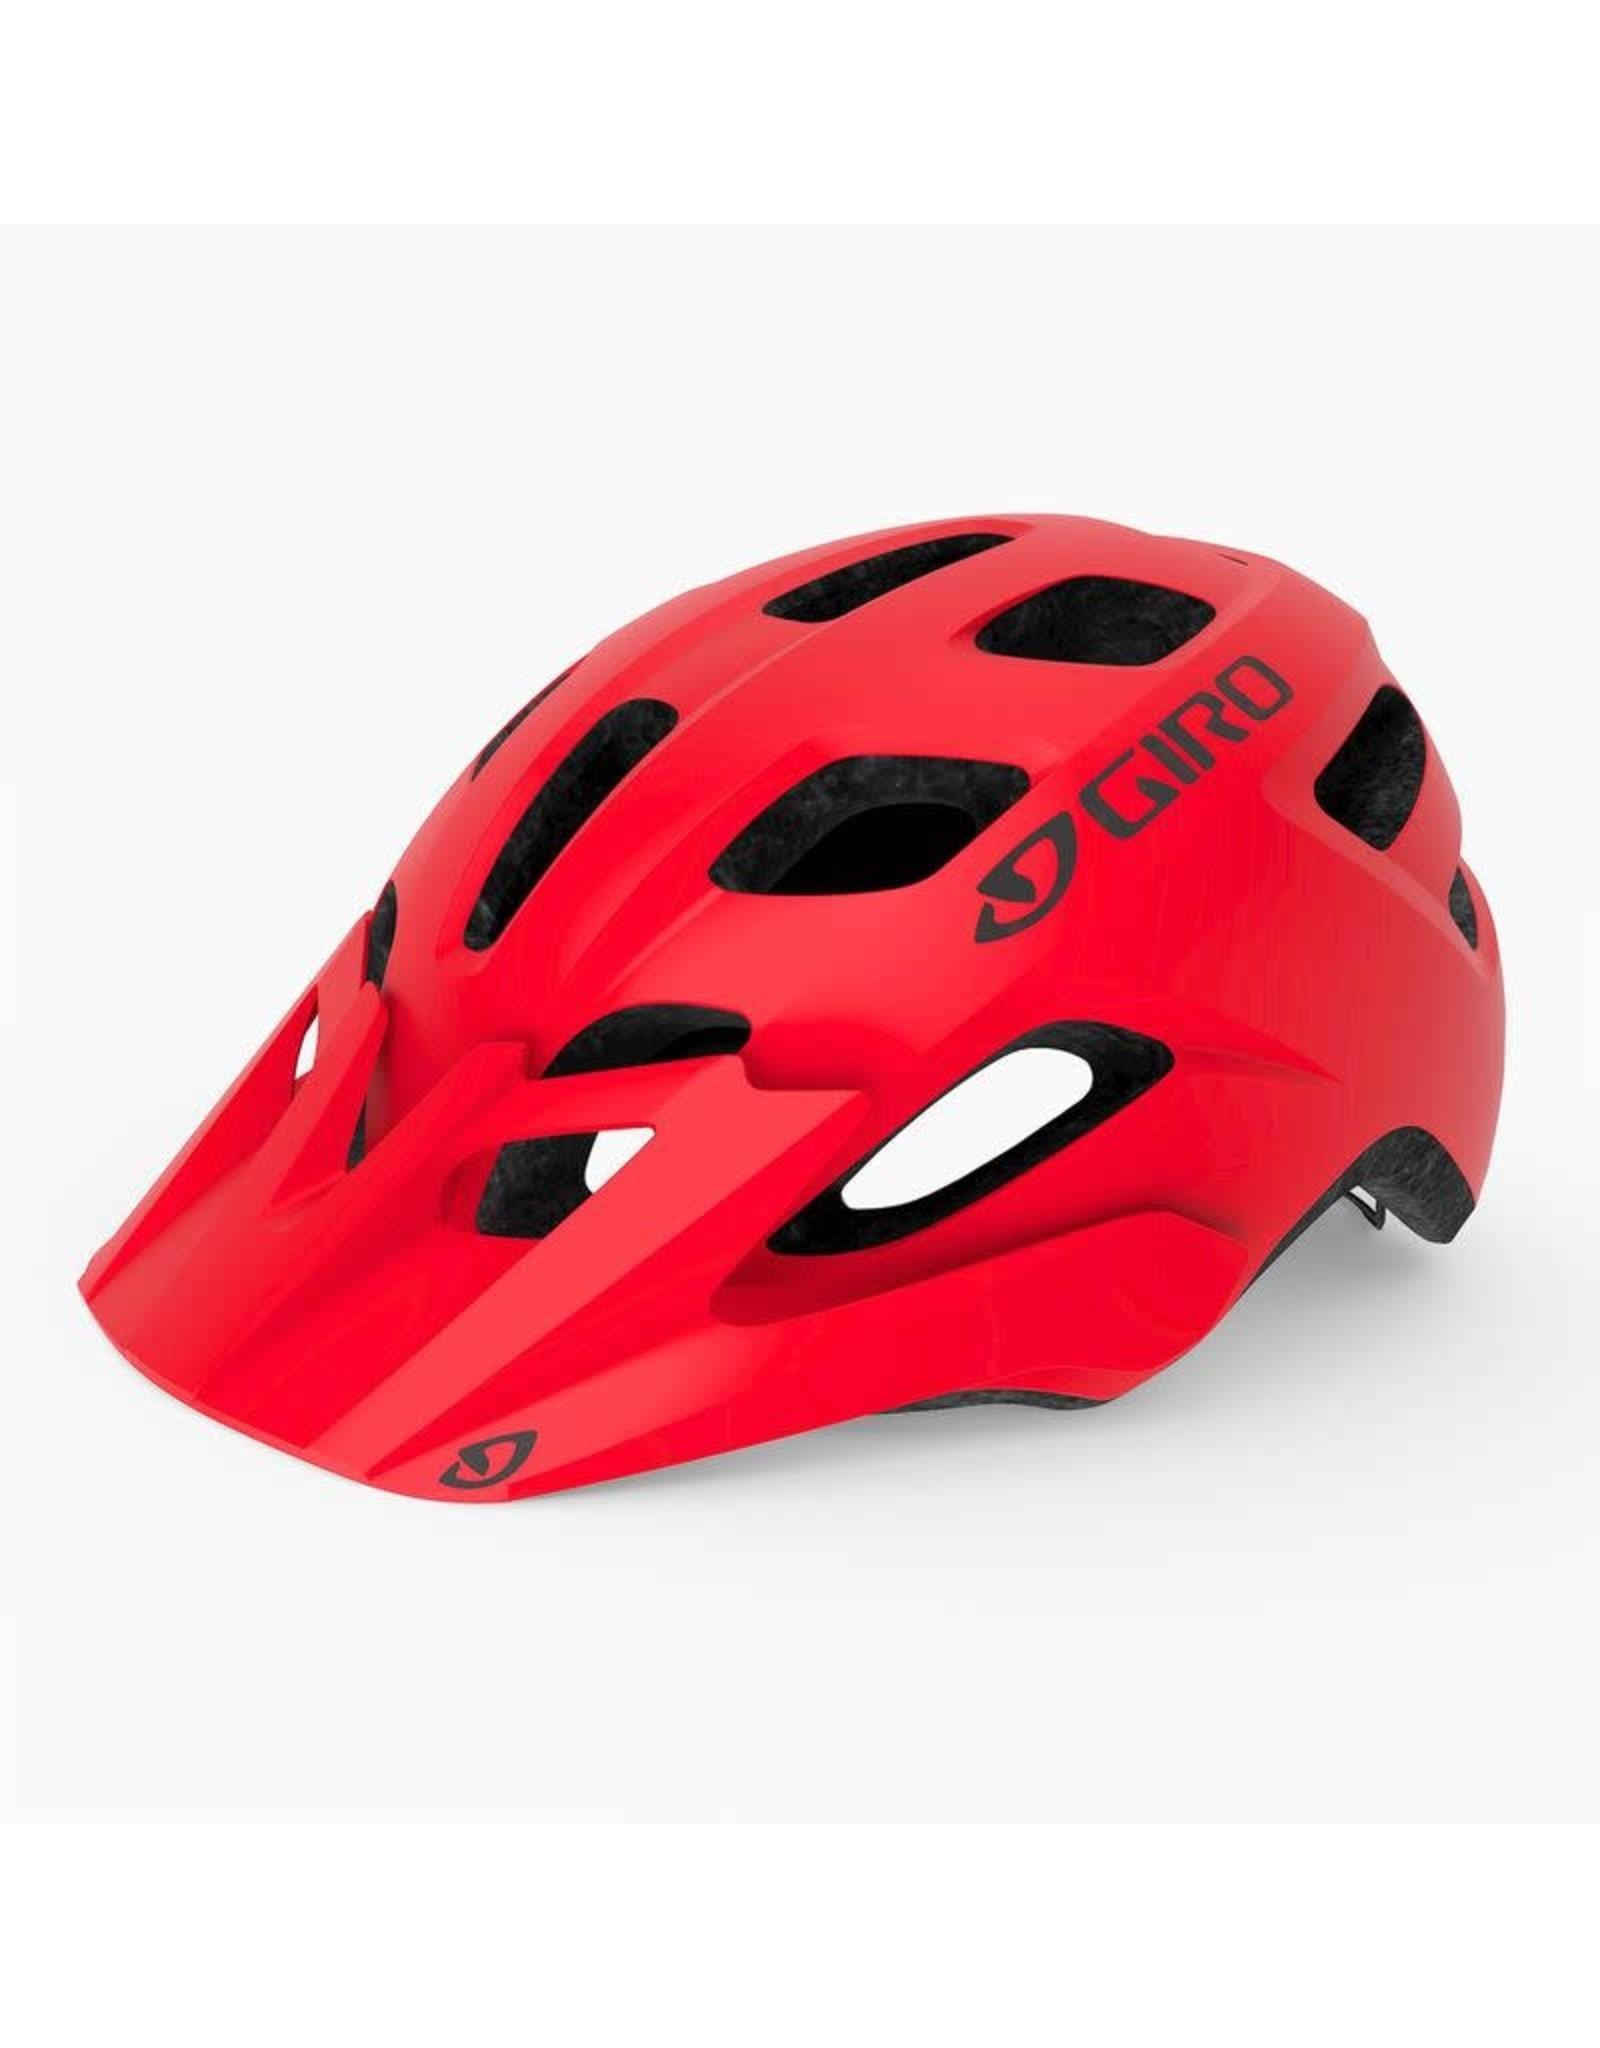 Giro Giro Tremor Youth Helmet Matte Bright Red